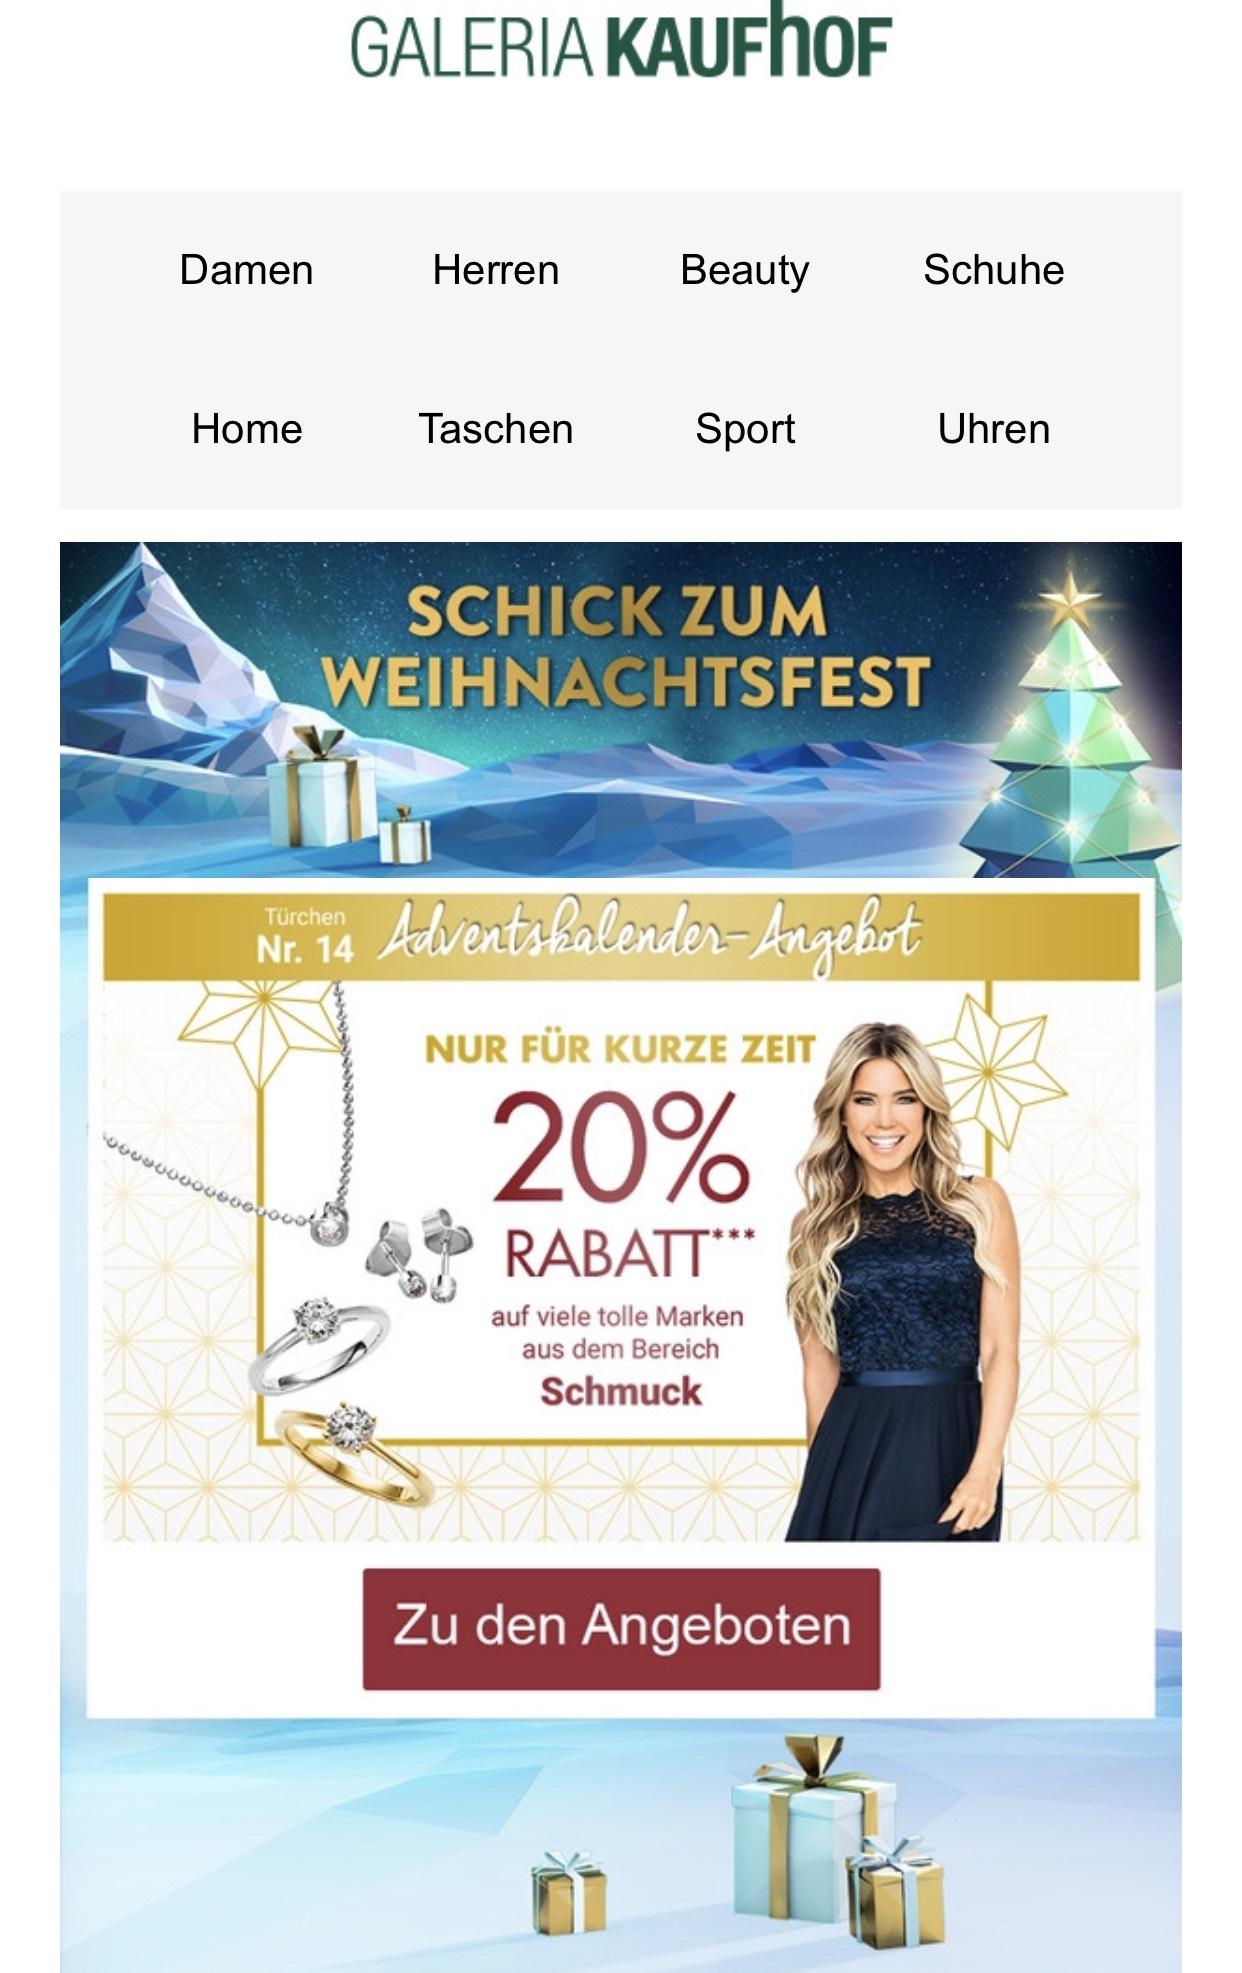 Galeria Kaufhof 20% auf Schmuck, Sephora Make Up und Pflege. Und 15% auf fast alle Sortimente